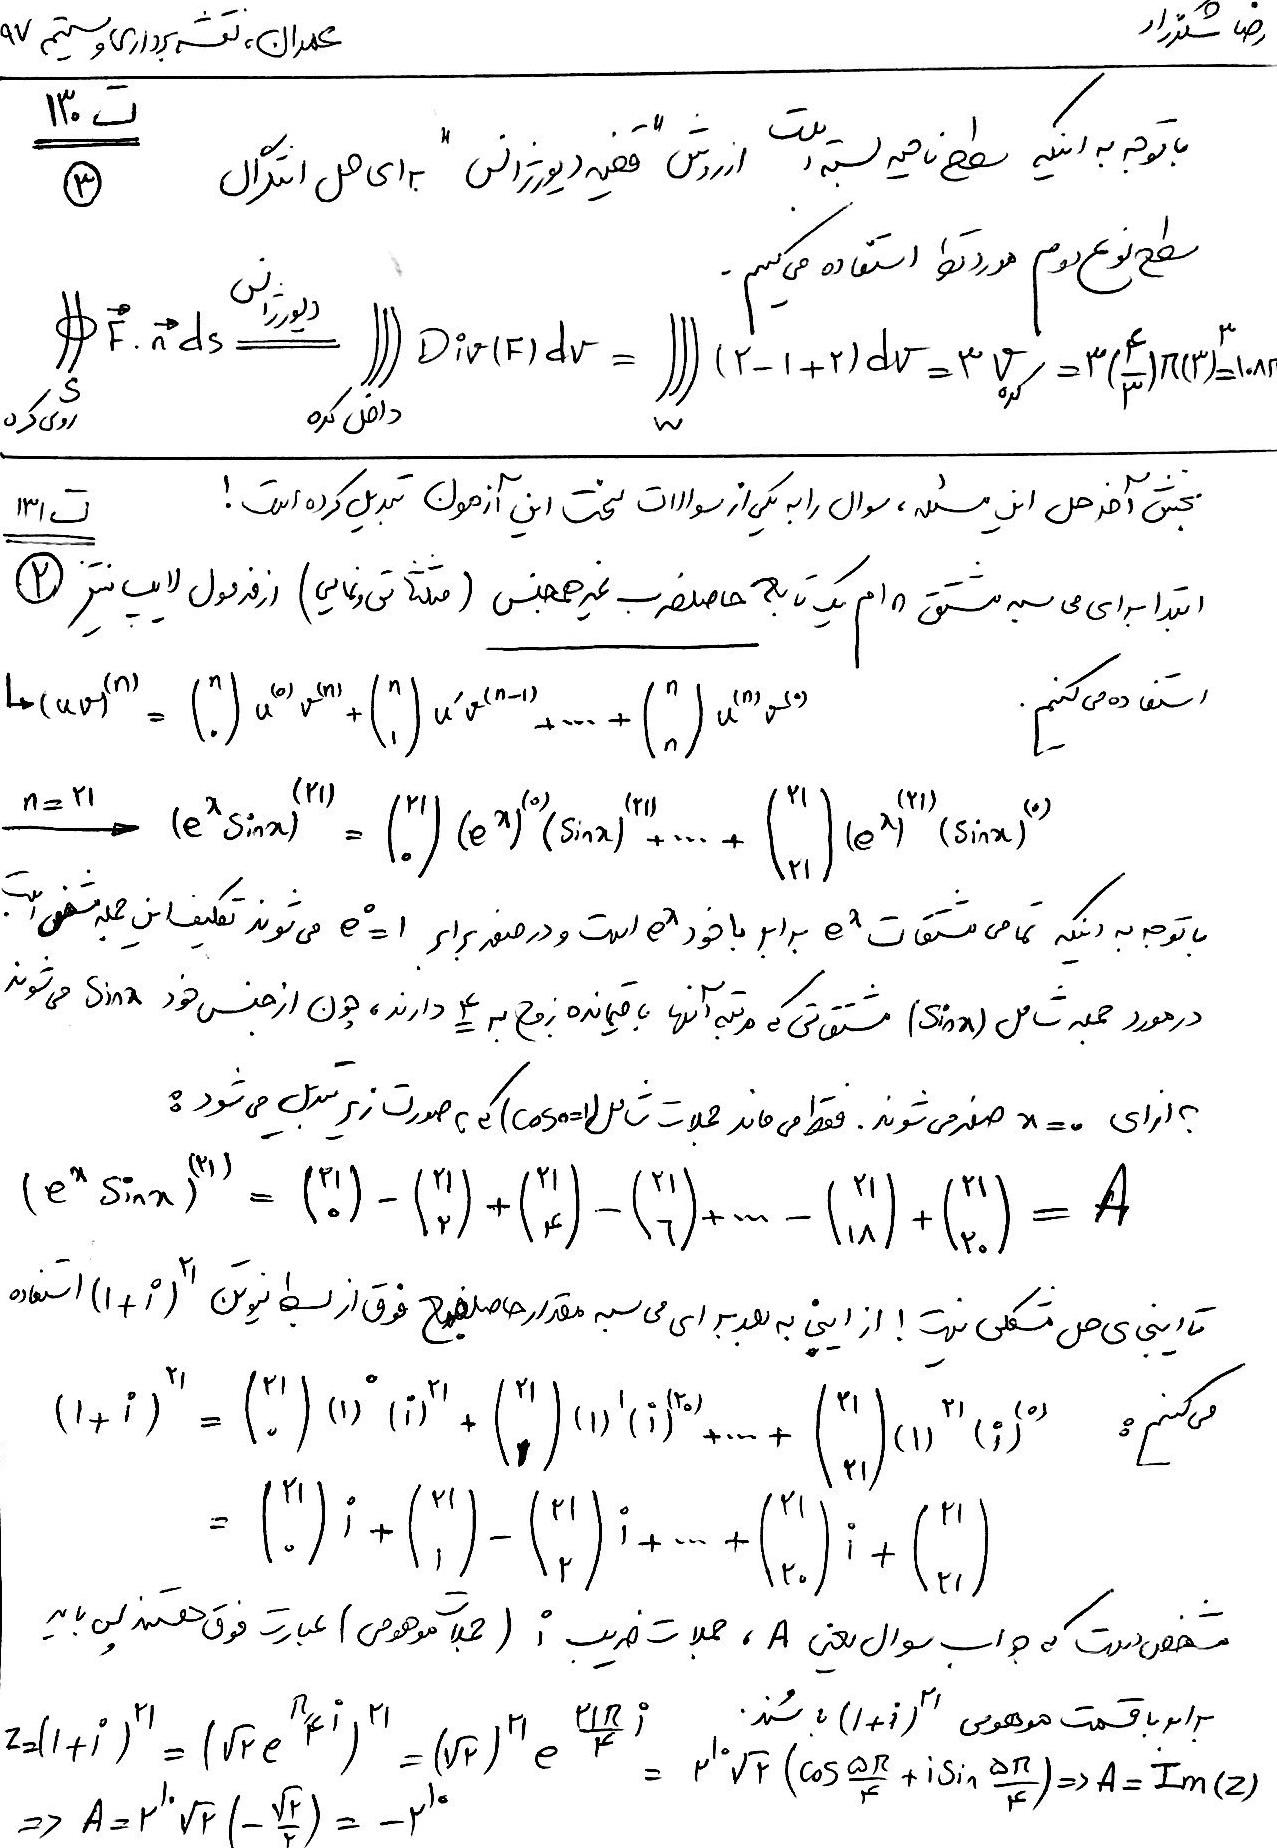 پاسخ نشریحی ریاضی